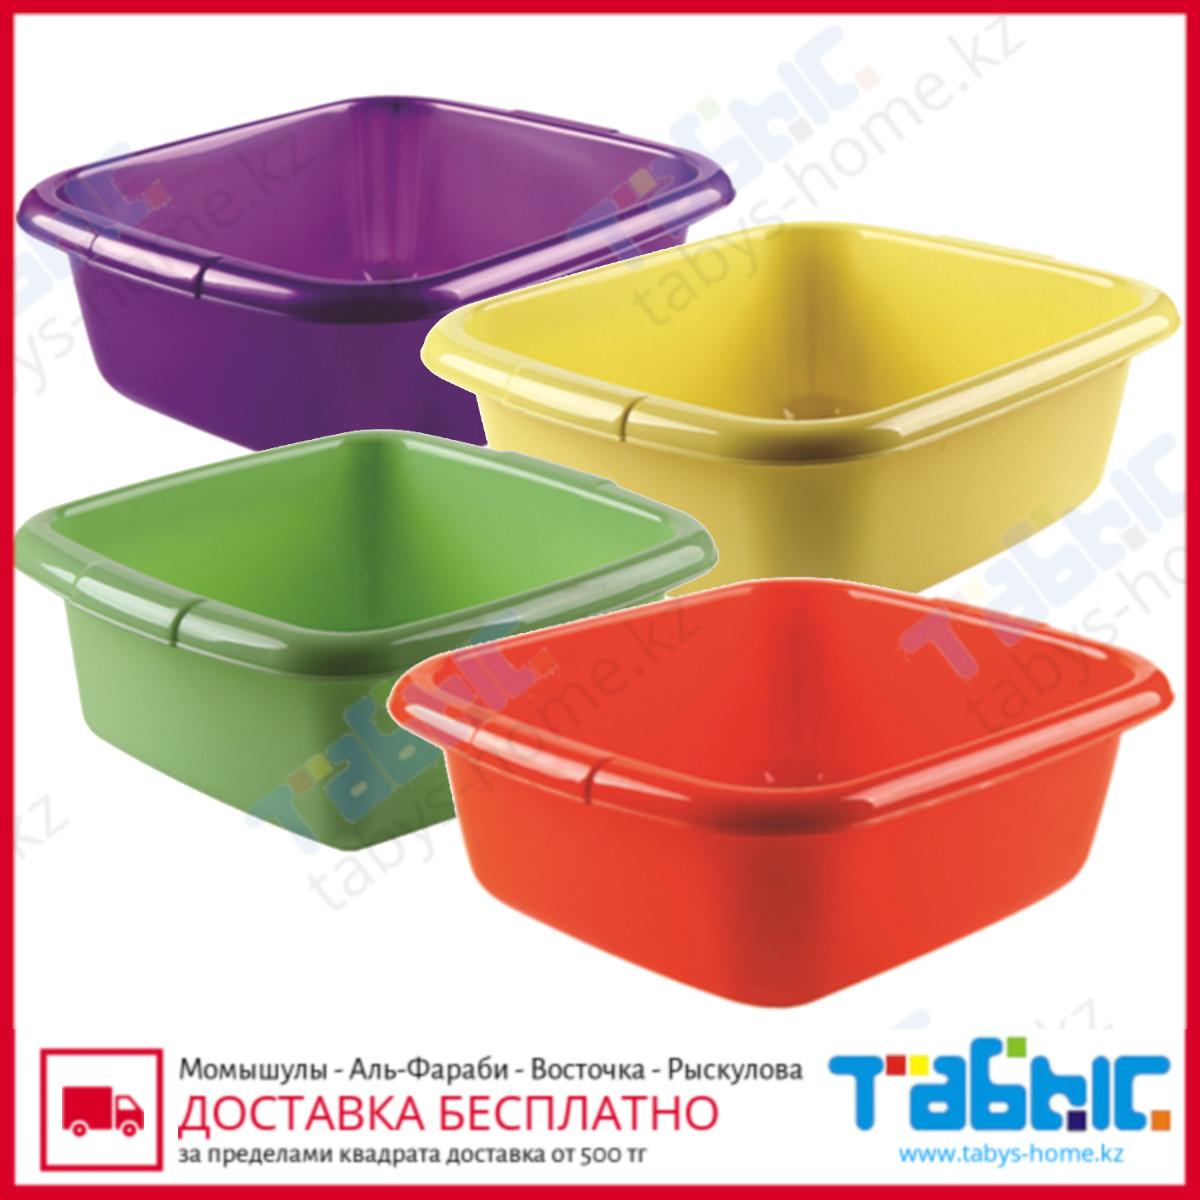 Тазик Ионджа 7л разноцветный